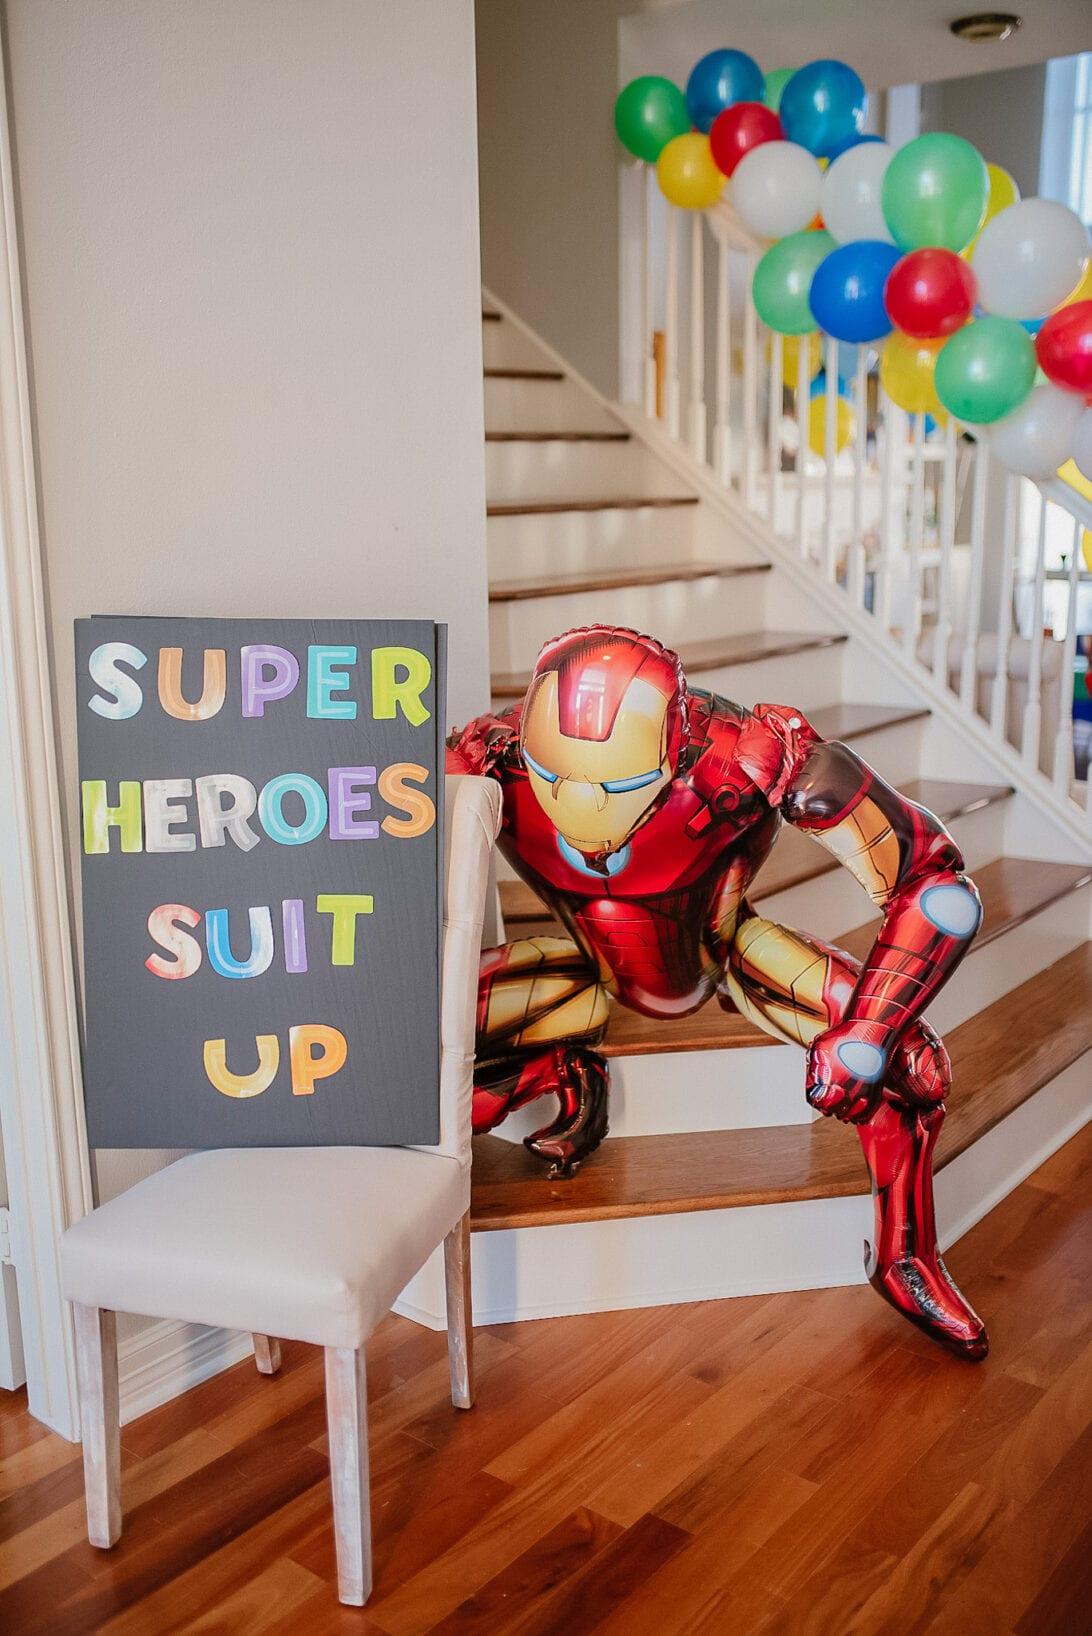 IRON MAN BALLOON, SUPERHERO BIRTHDAY SIGN